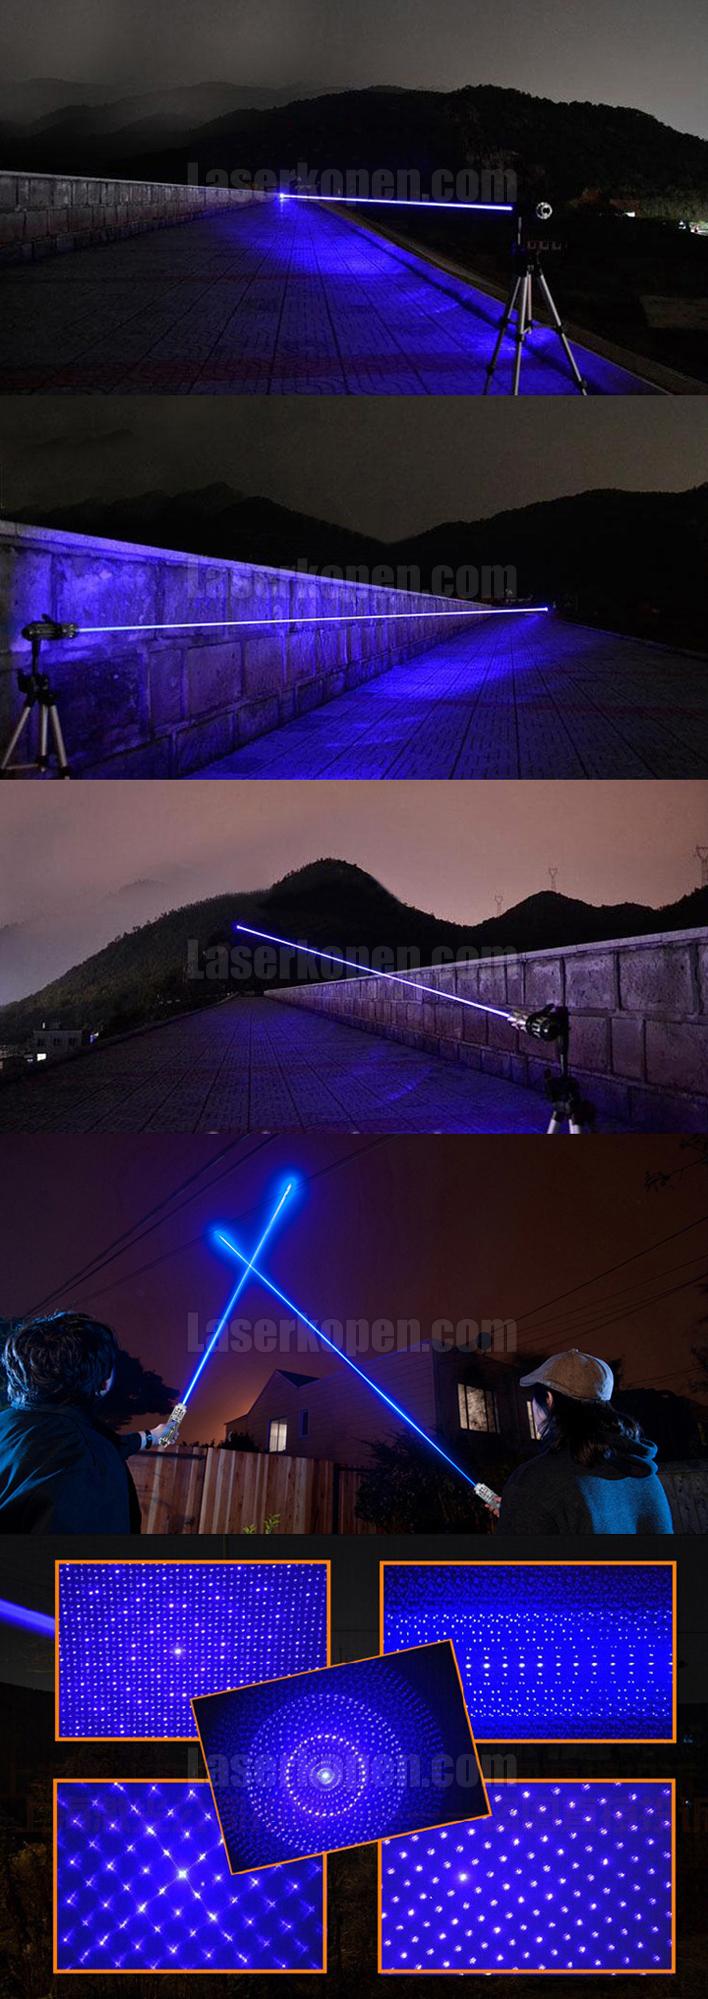 laserpen 3000mW kopen